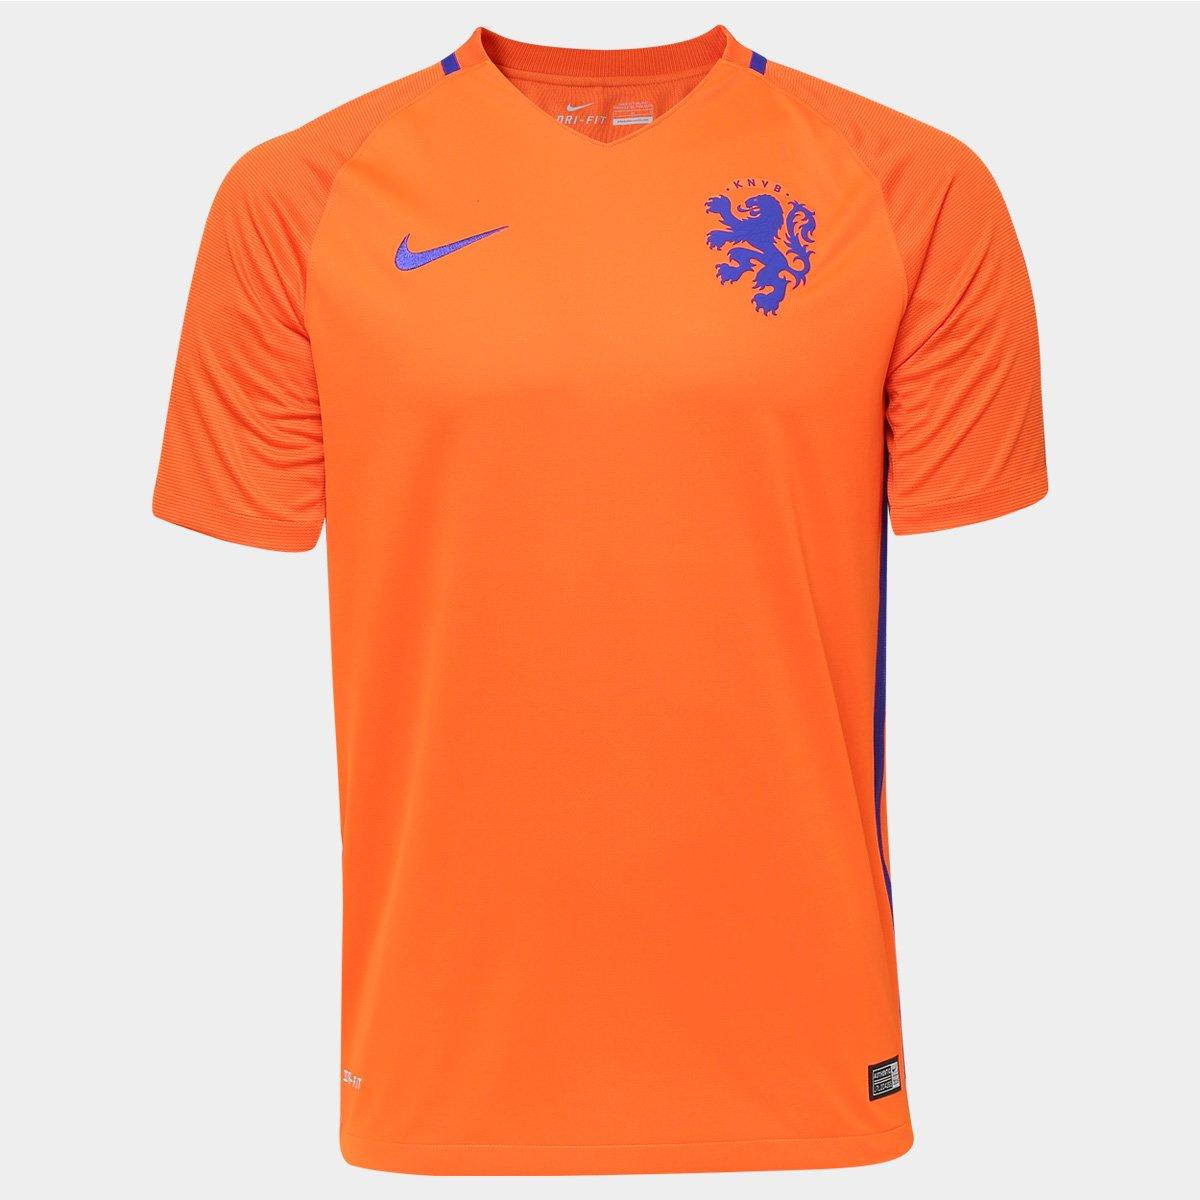 97a059d092 Camisa Nike Holanda Home 2016 s nº - Compre Agora